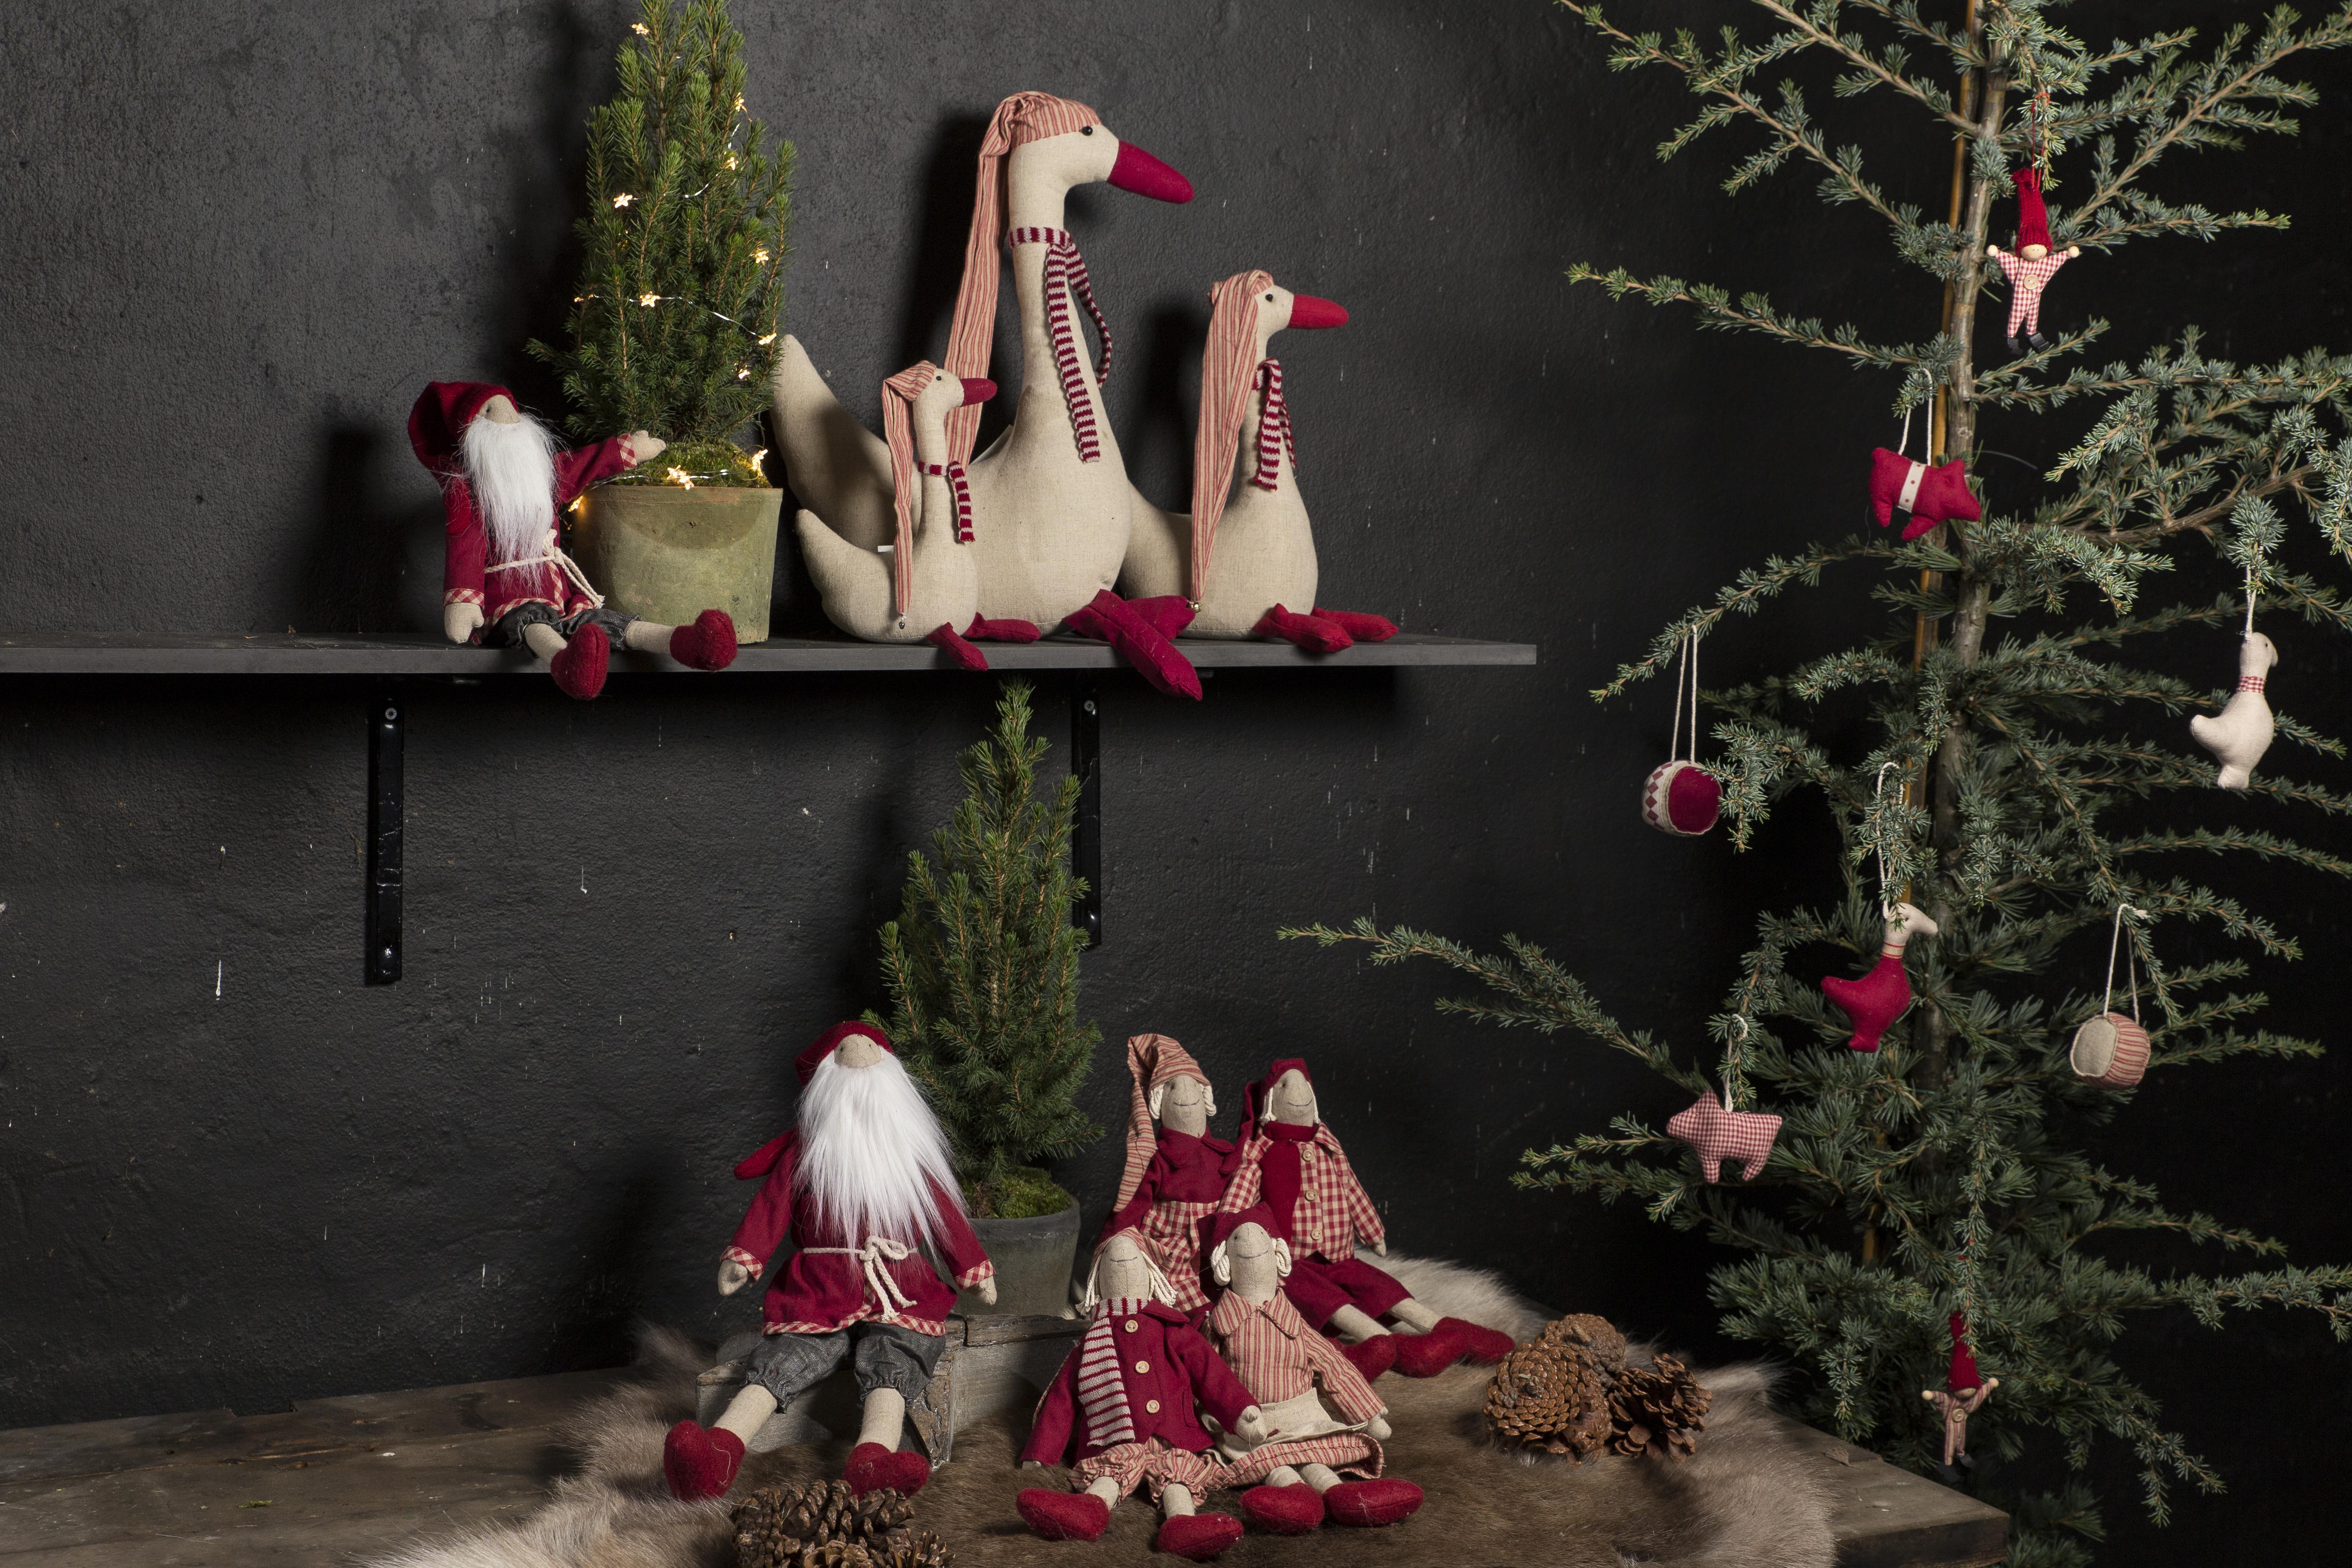 Usædvanlig Julepynt - vi har mange søde nisser og led lyskugler og pynt der DE84